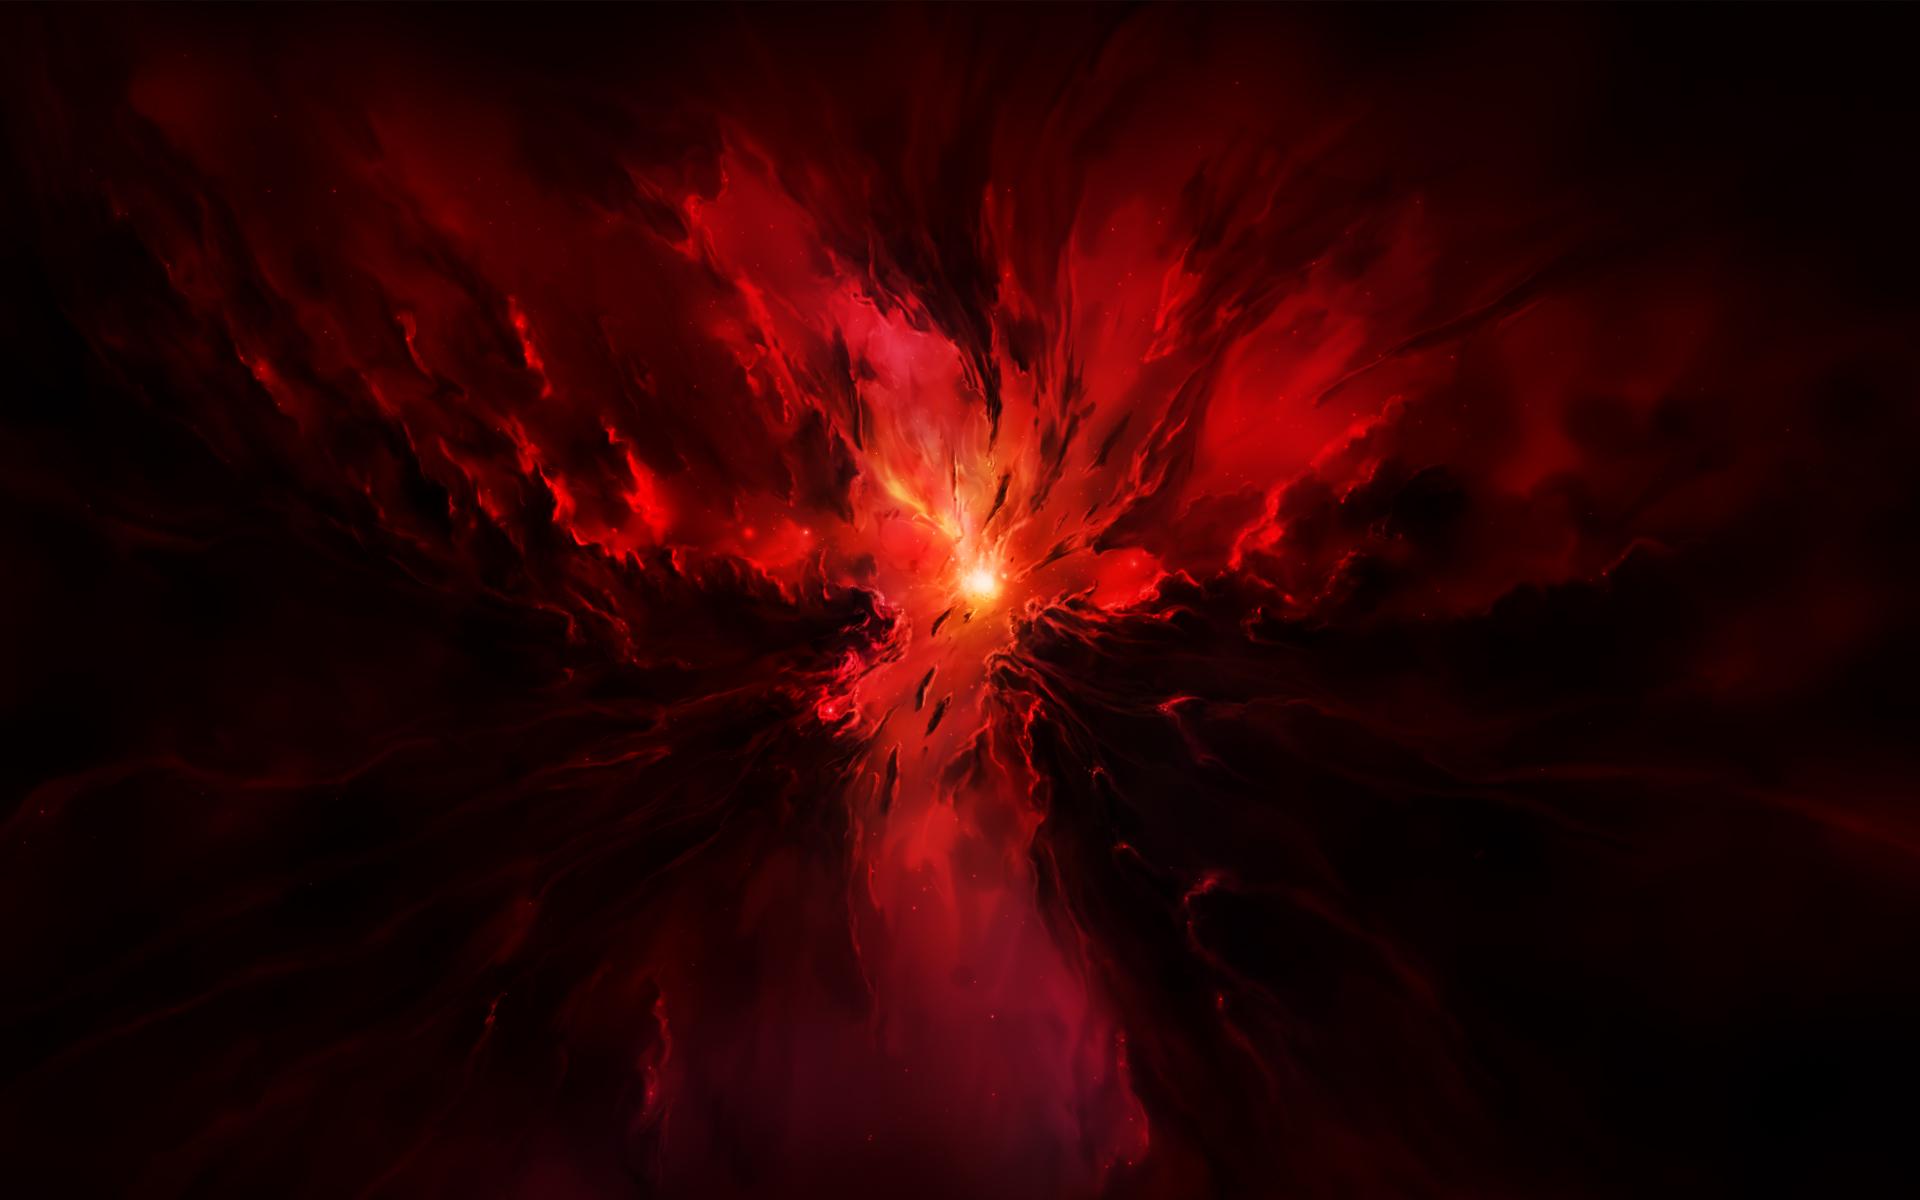 Red Space Wallpaper Wallpapersafari